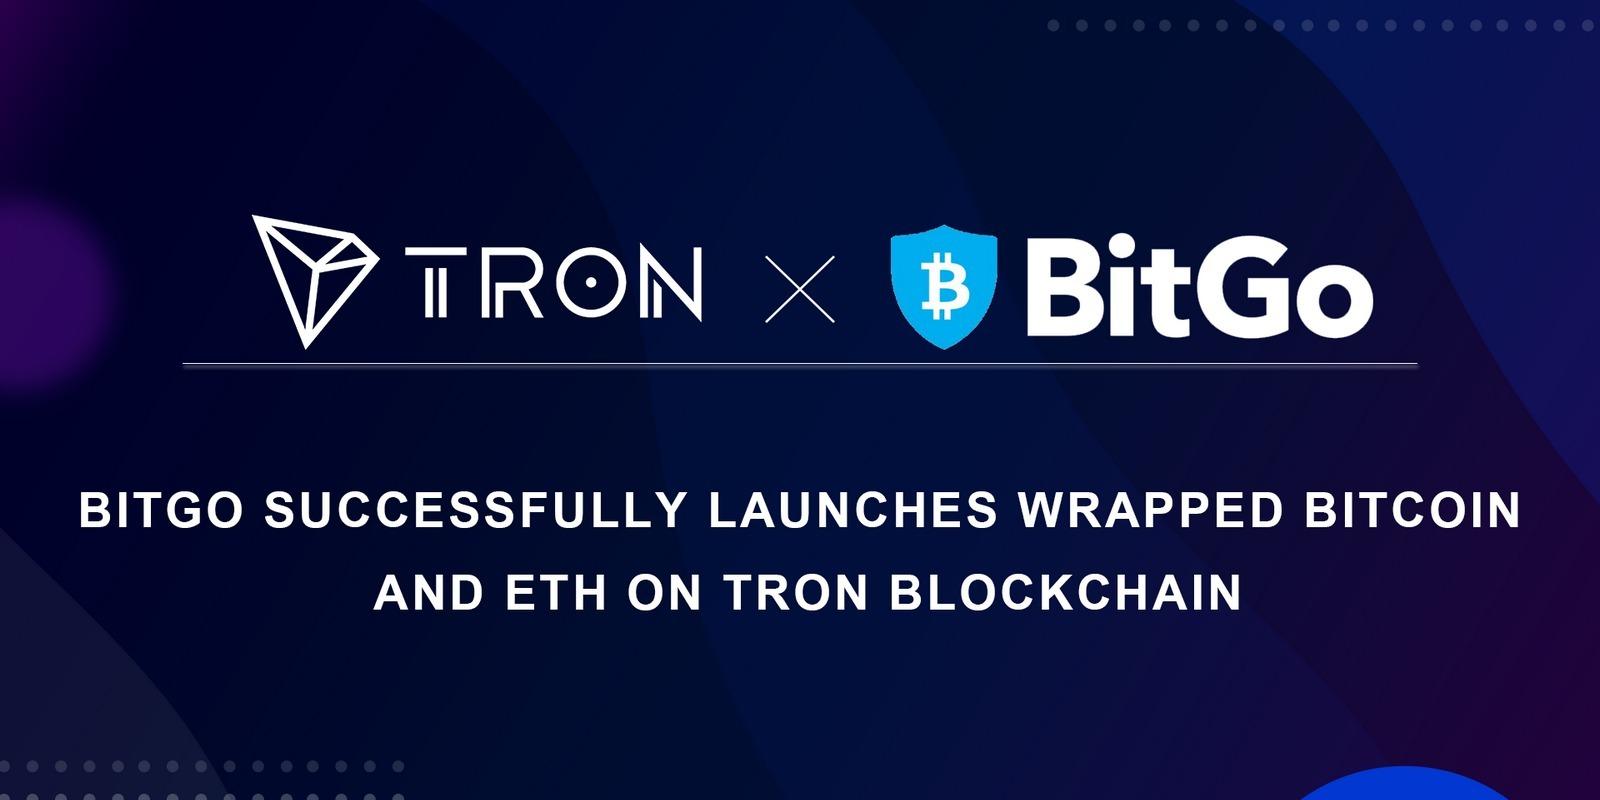 BitGo lance le Wrapped Bitcoin (wBTC) et Ether (wETH) sur la blockchain Tron